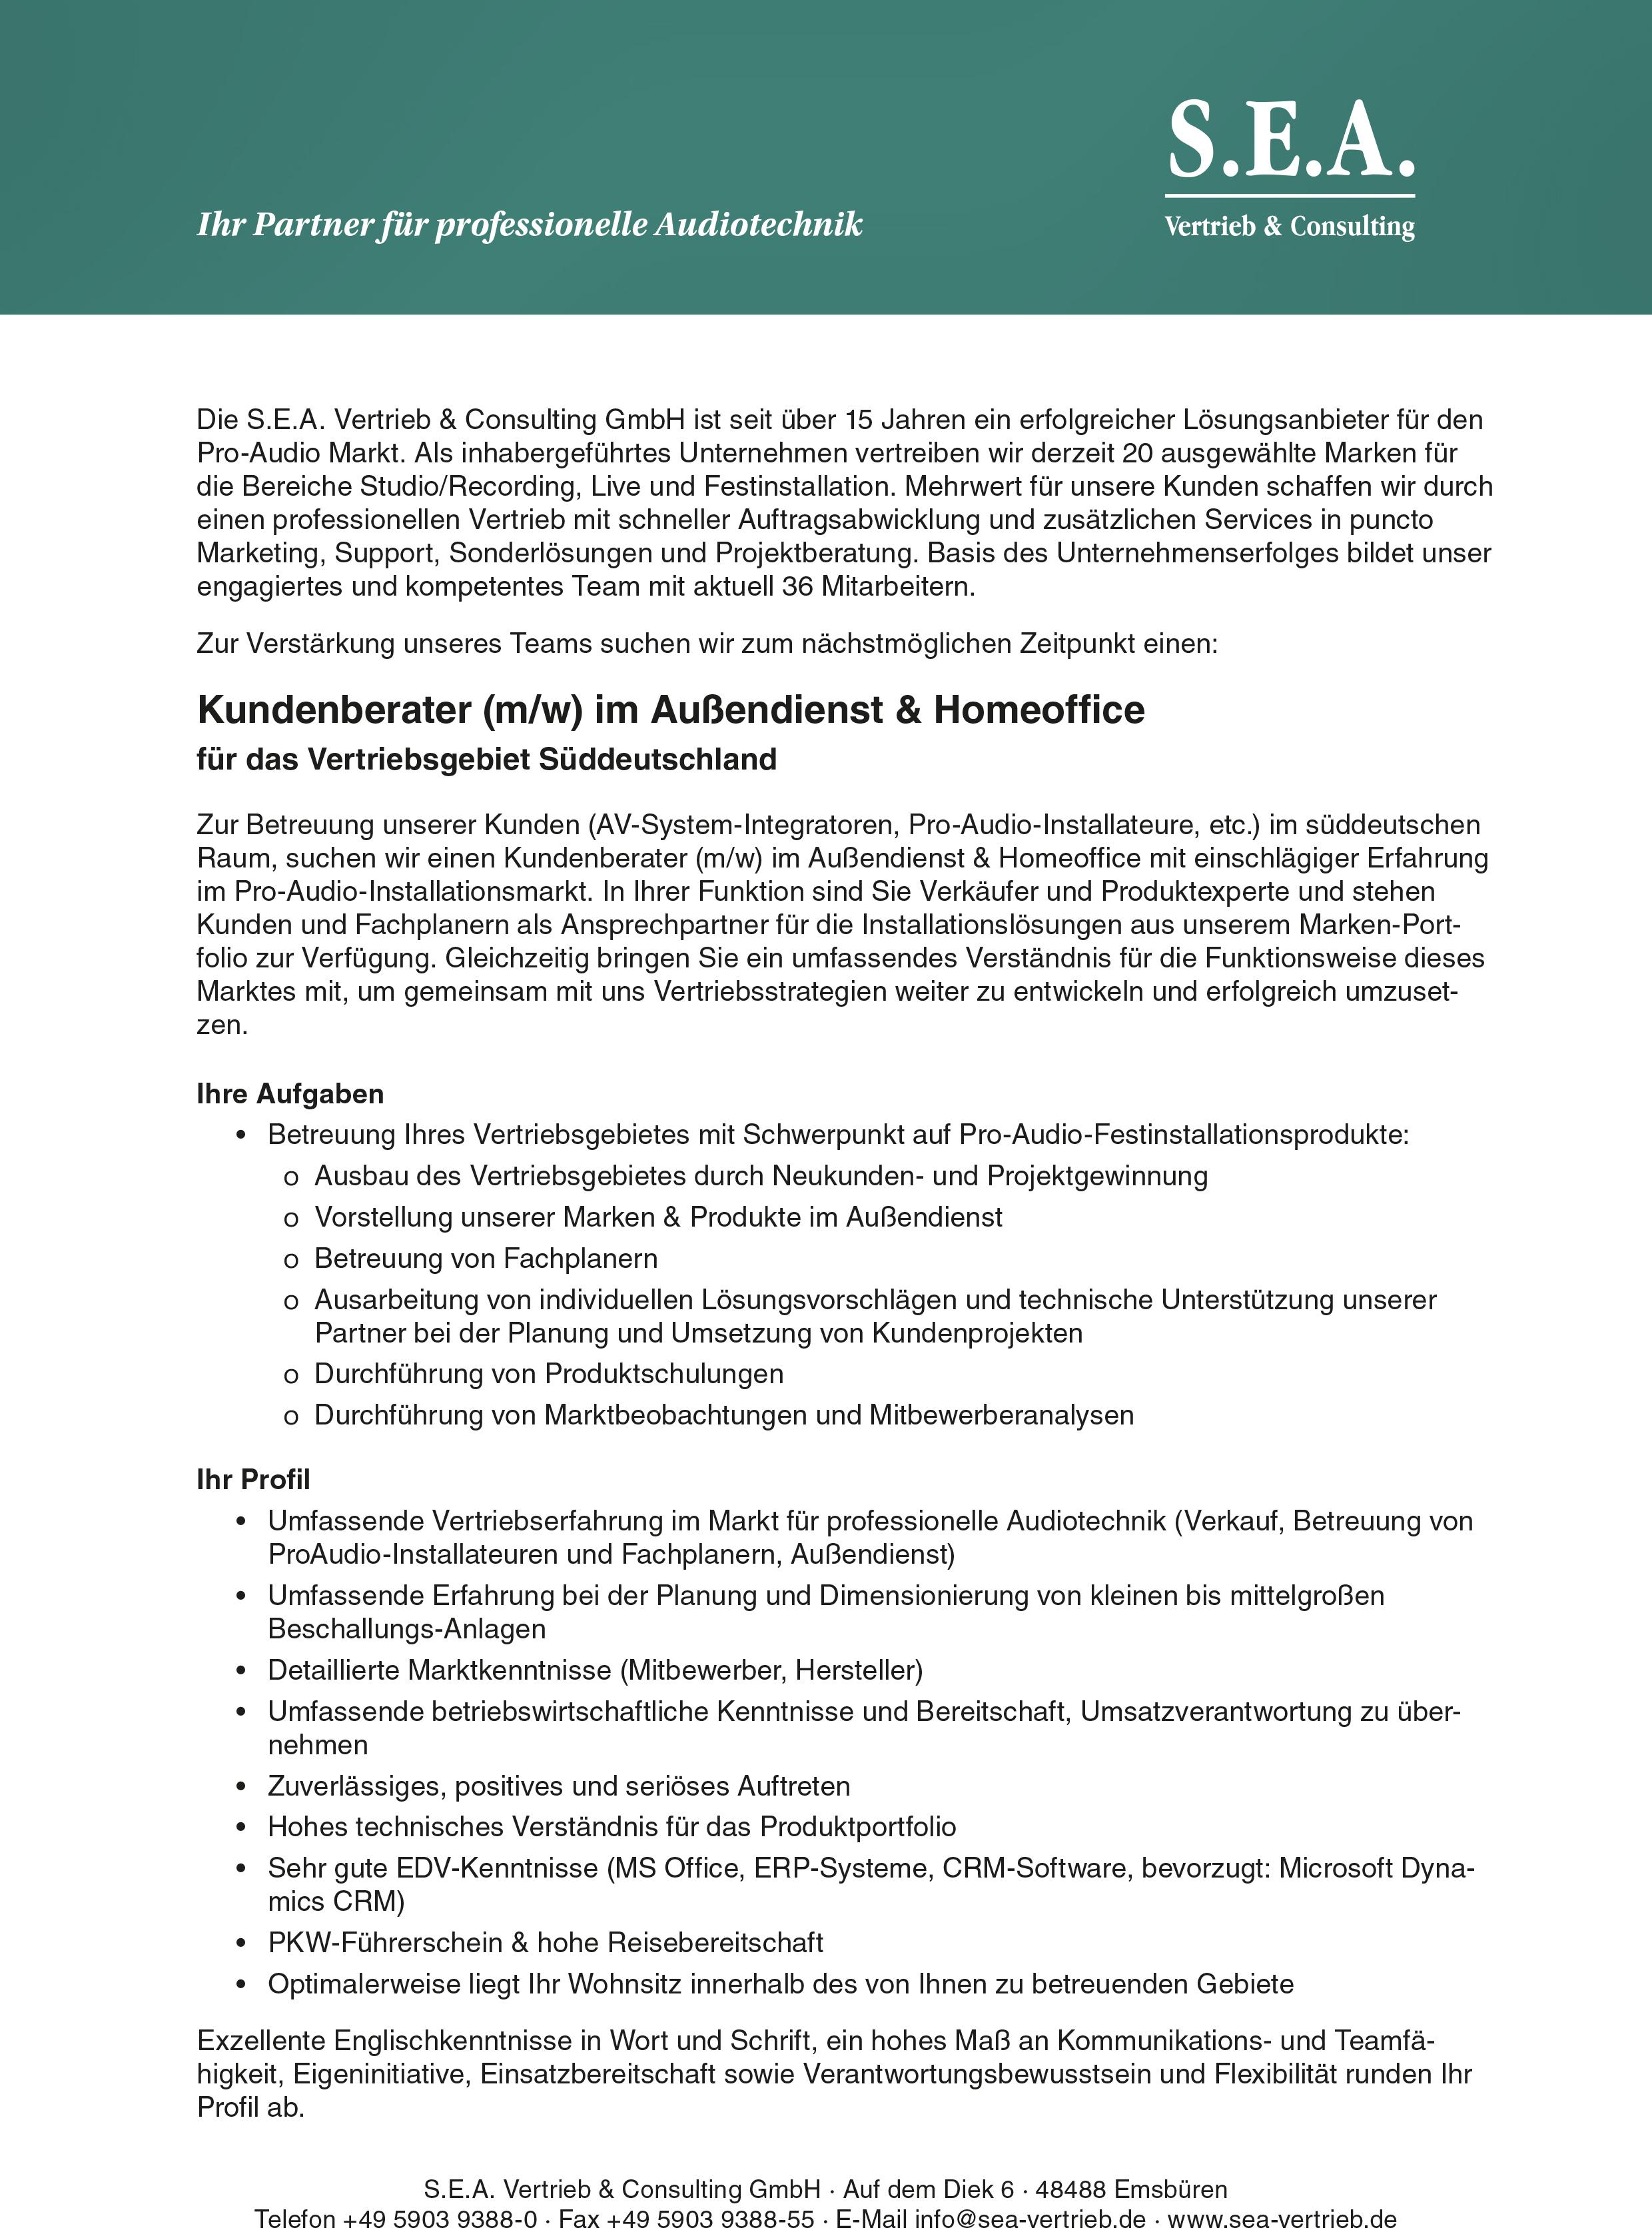 Stellenanzeige von SEA: Kundenberater in Süddeutschland